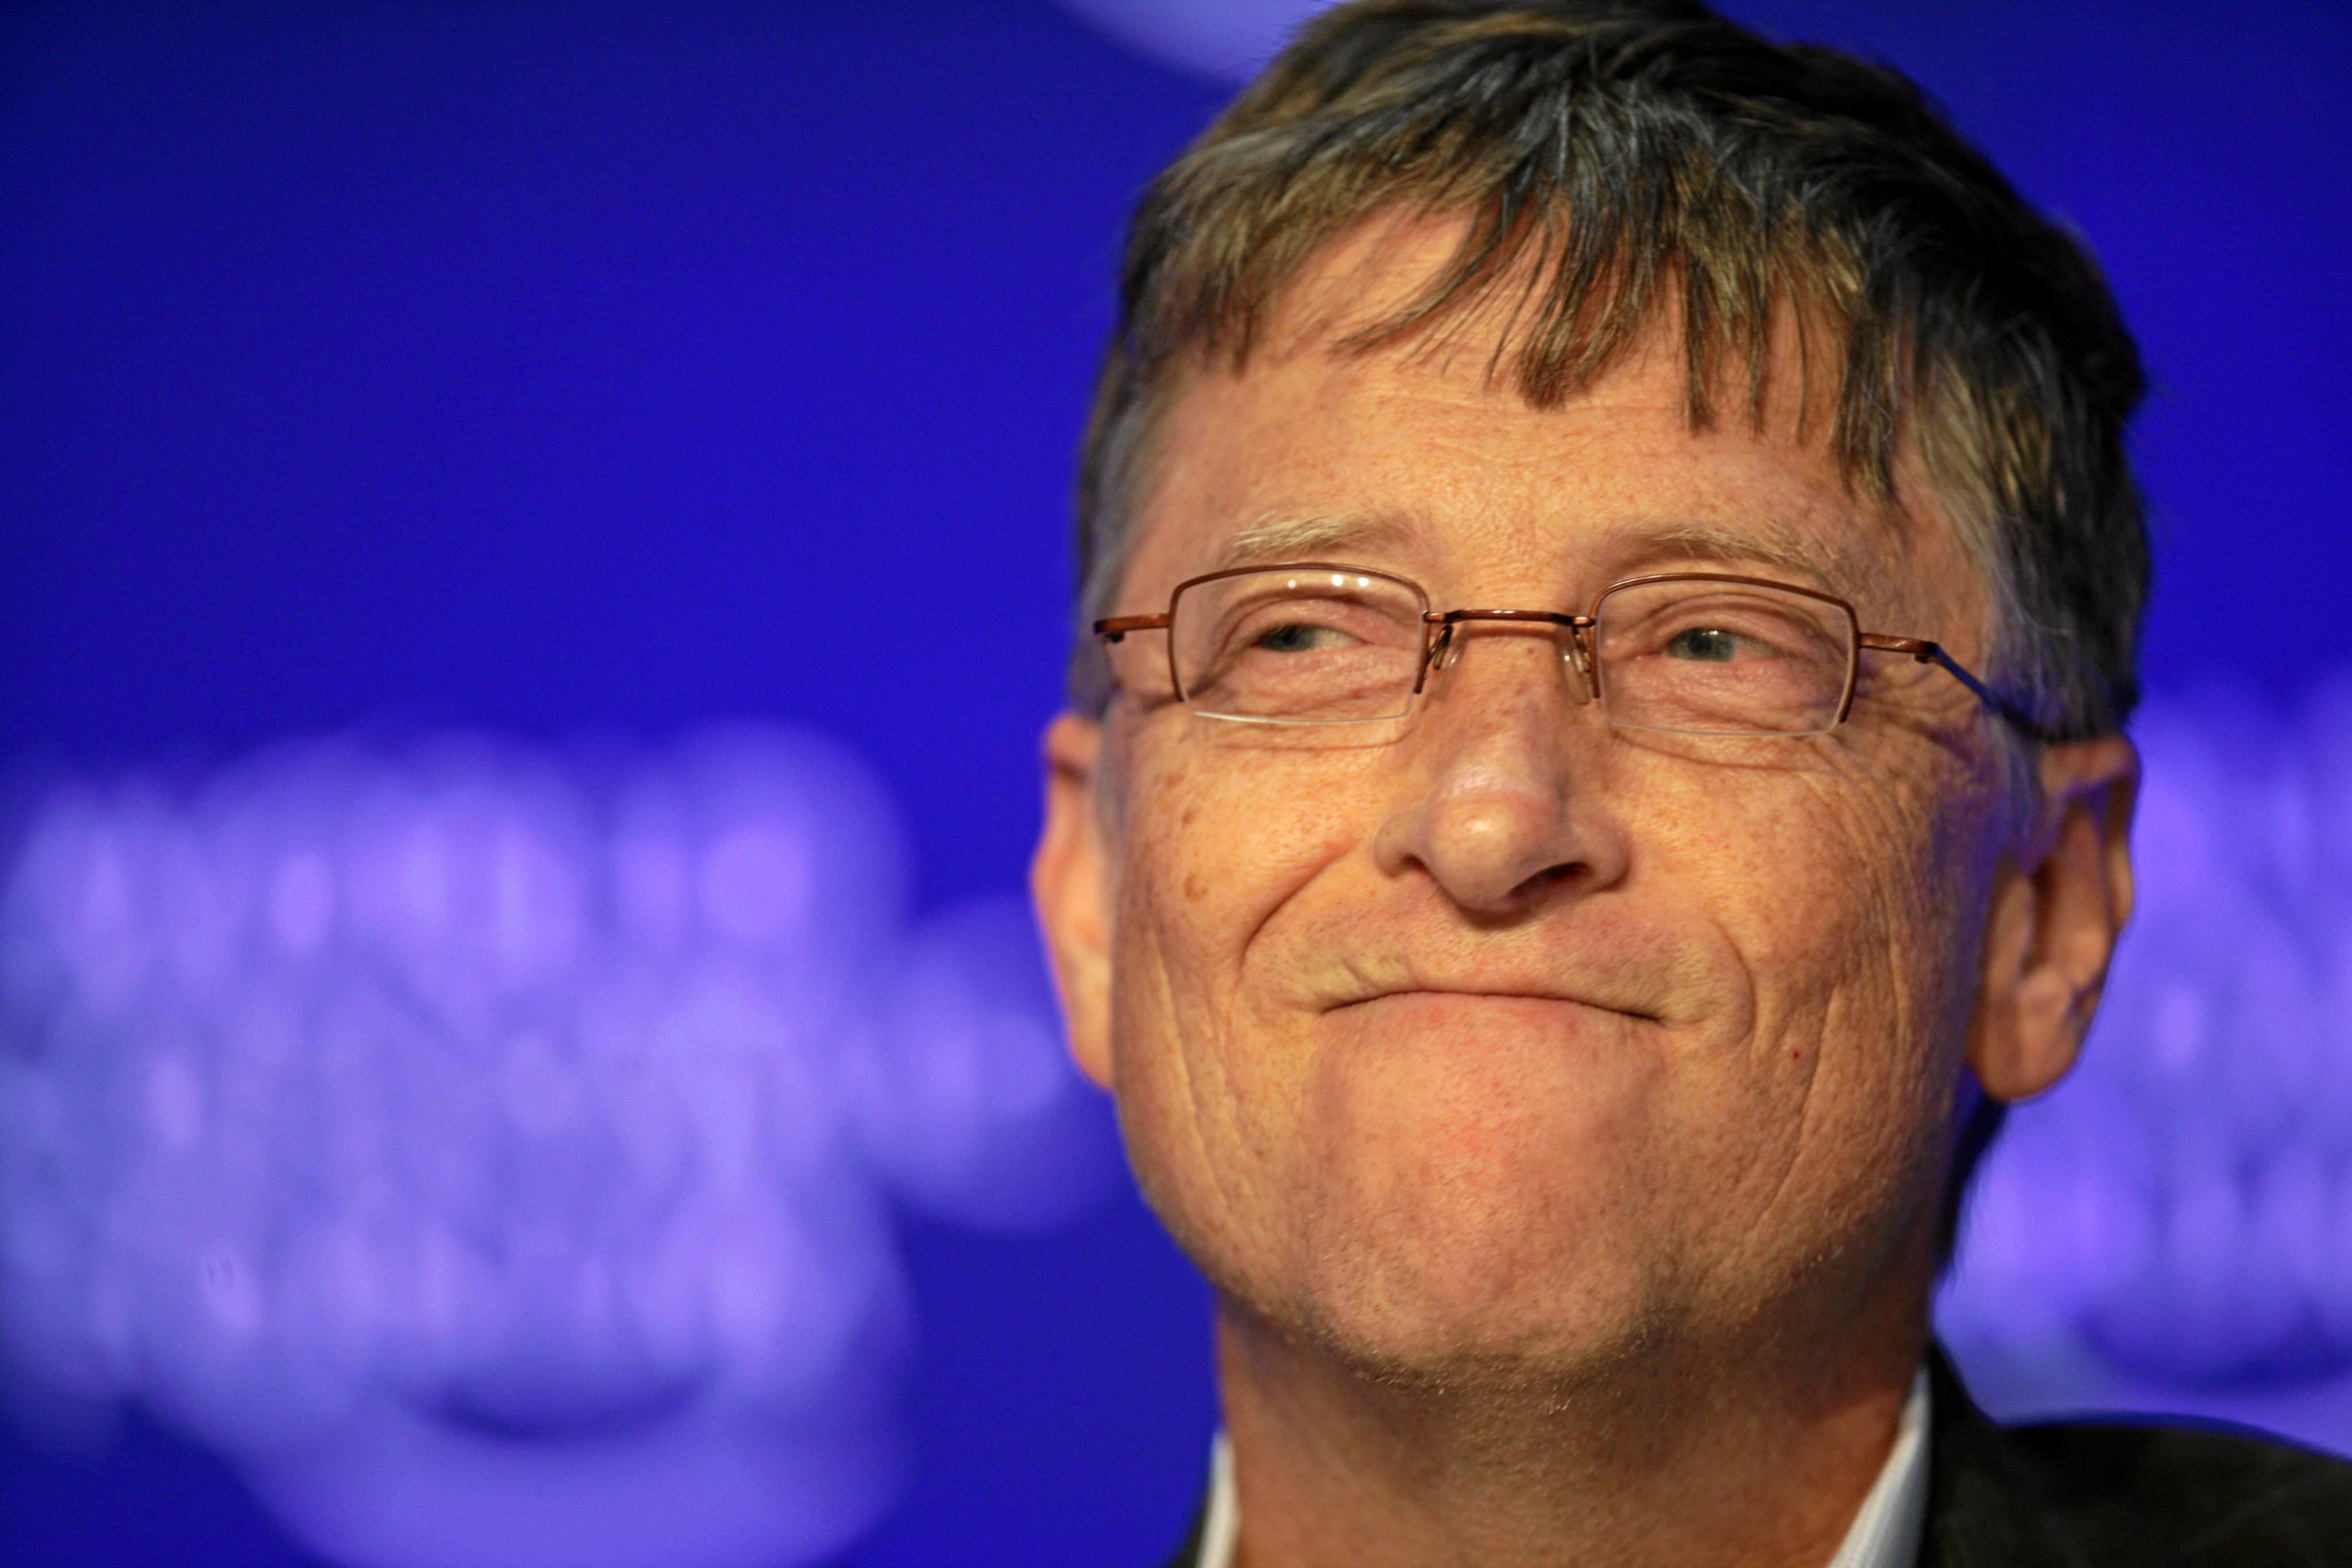 Microsoft publica llamativo video en donde se ríen de ellos mismos